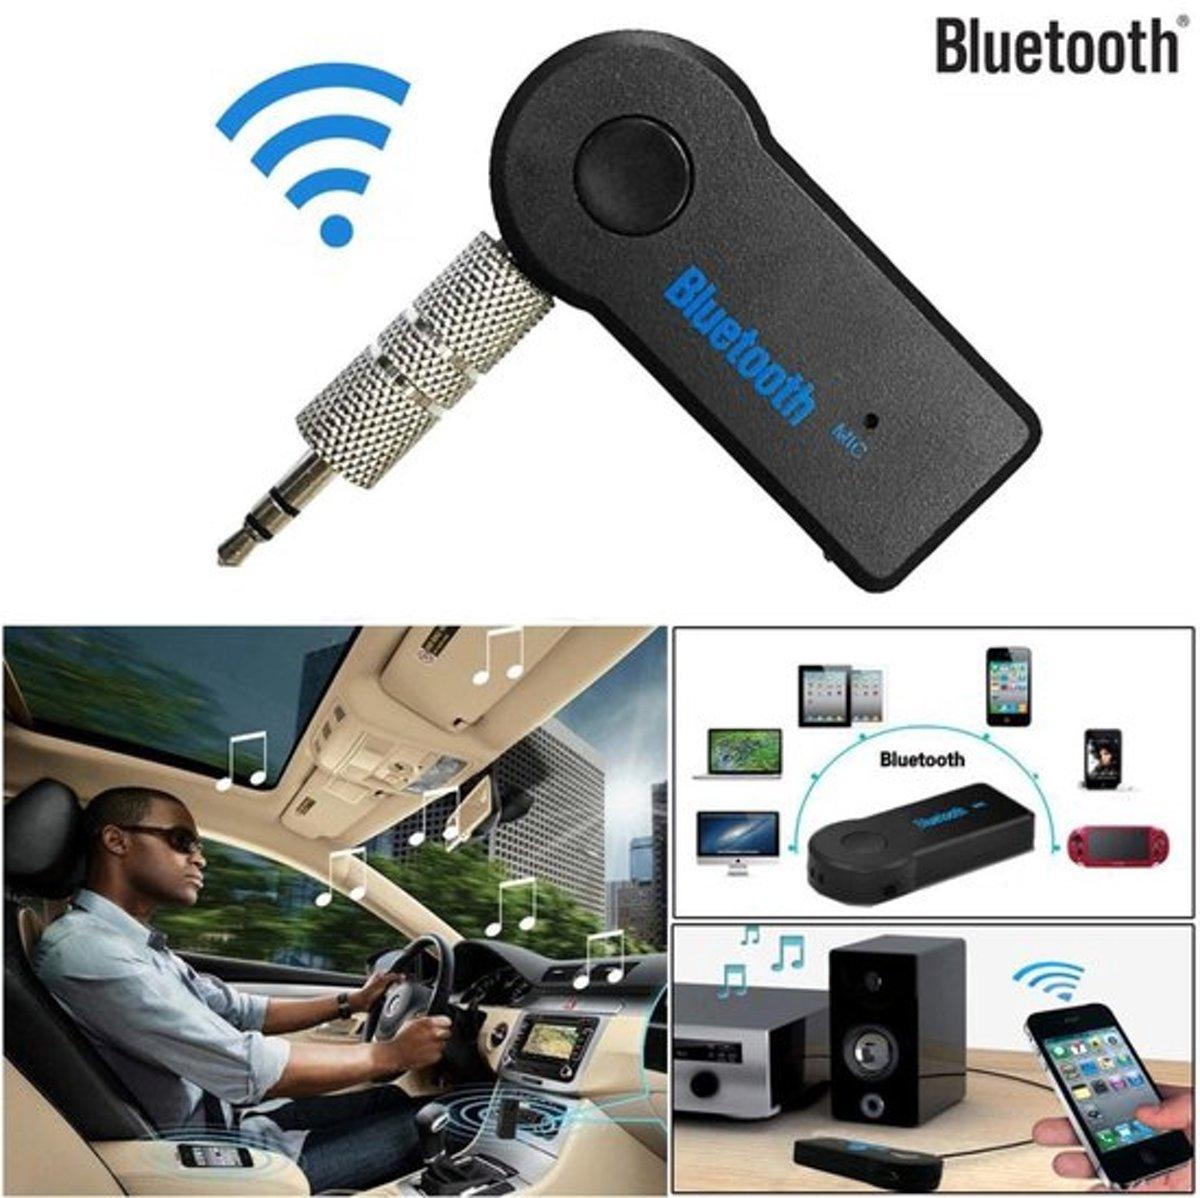 (Bestseller) Bluetooth muziekontvanger | Draadloze bluetooth verbinding | Handsfree Carkit & Thuisgebruik kopen